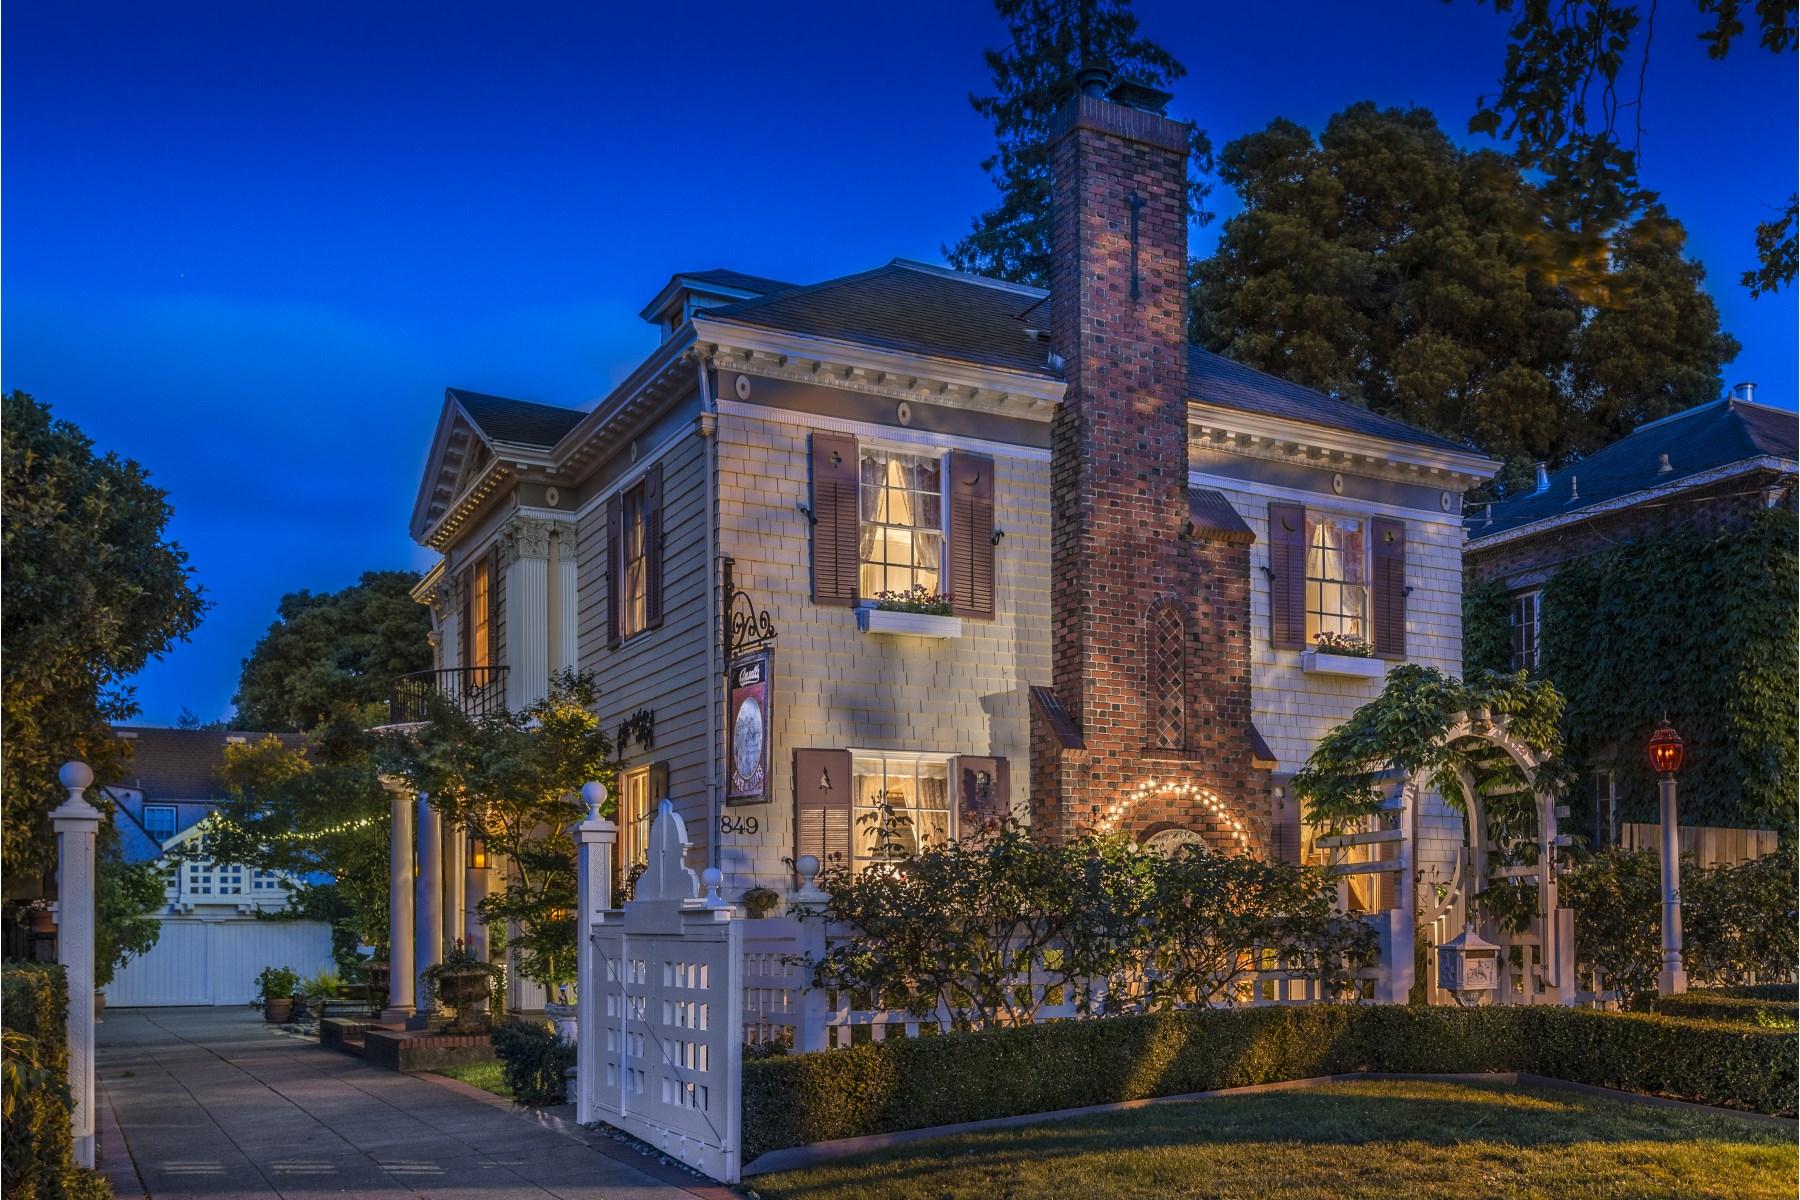 Einfamilienhaus für Verkauf beim 849 D Street Petaluma, Kalifornien 94952 Vereinigte Staaten